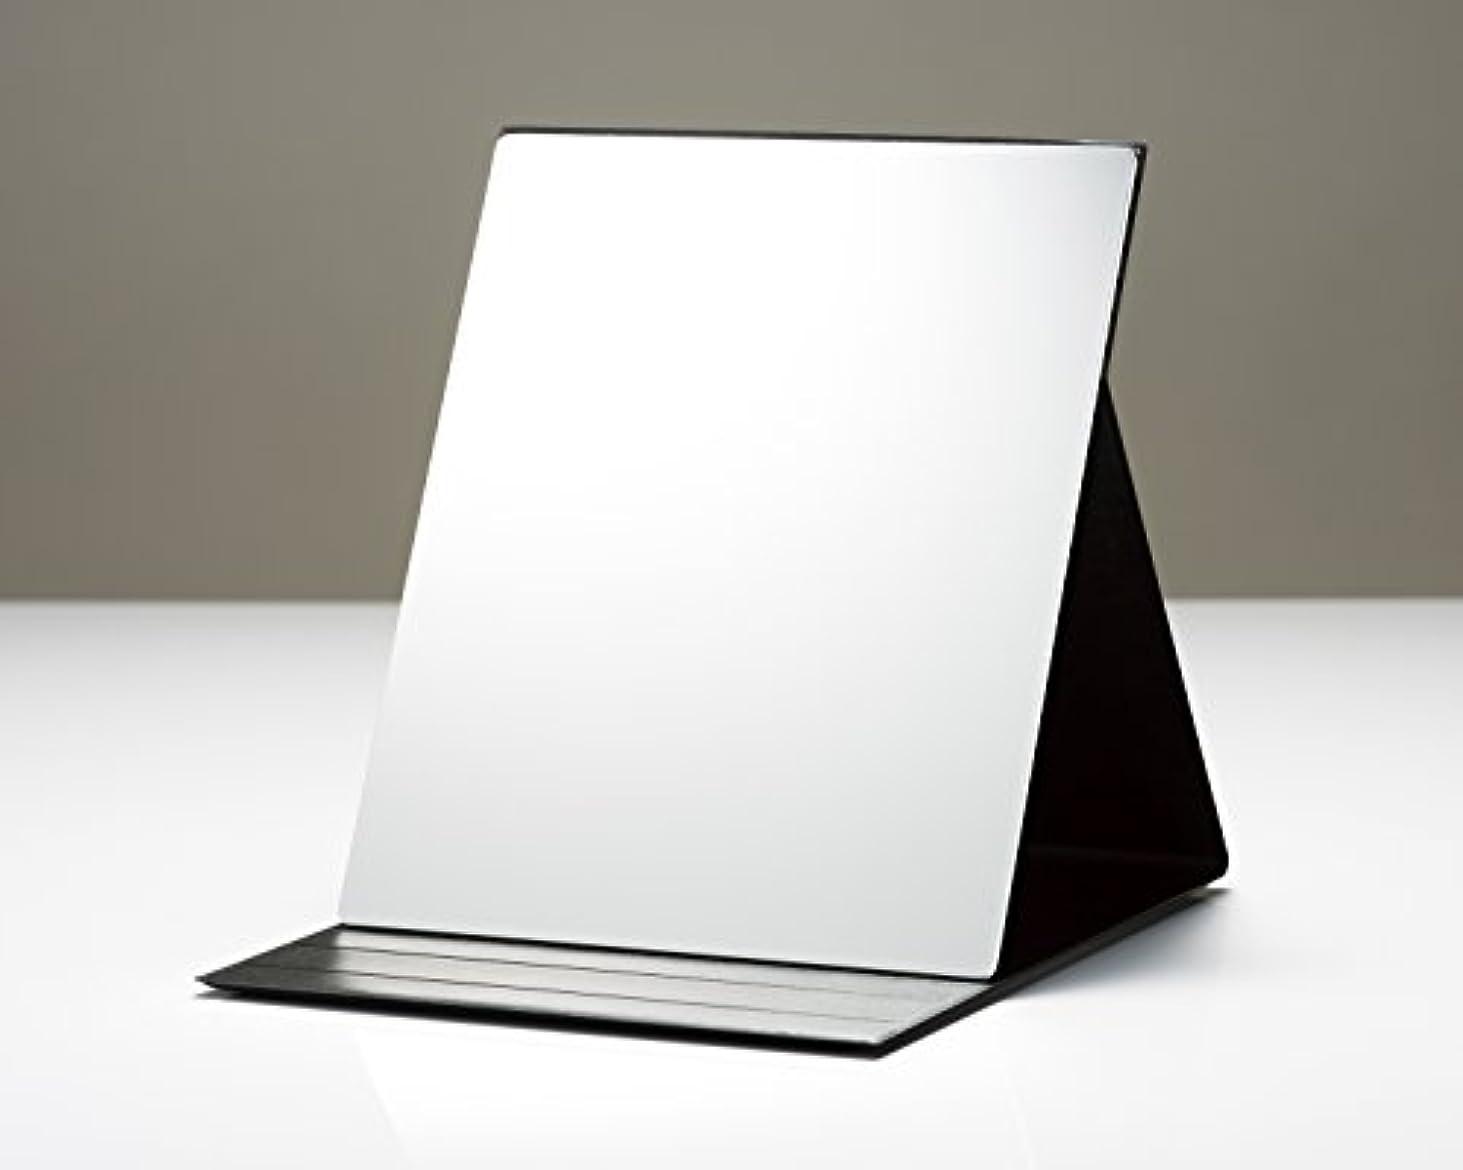 法律グレートバリアリーフホット割れないミラー いきいきミラー折立(3L)